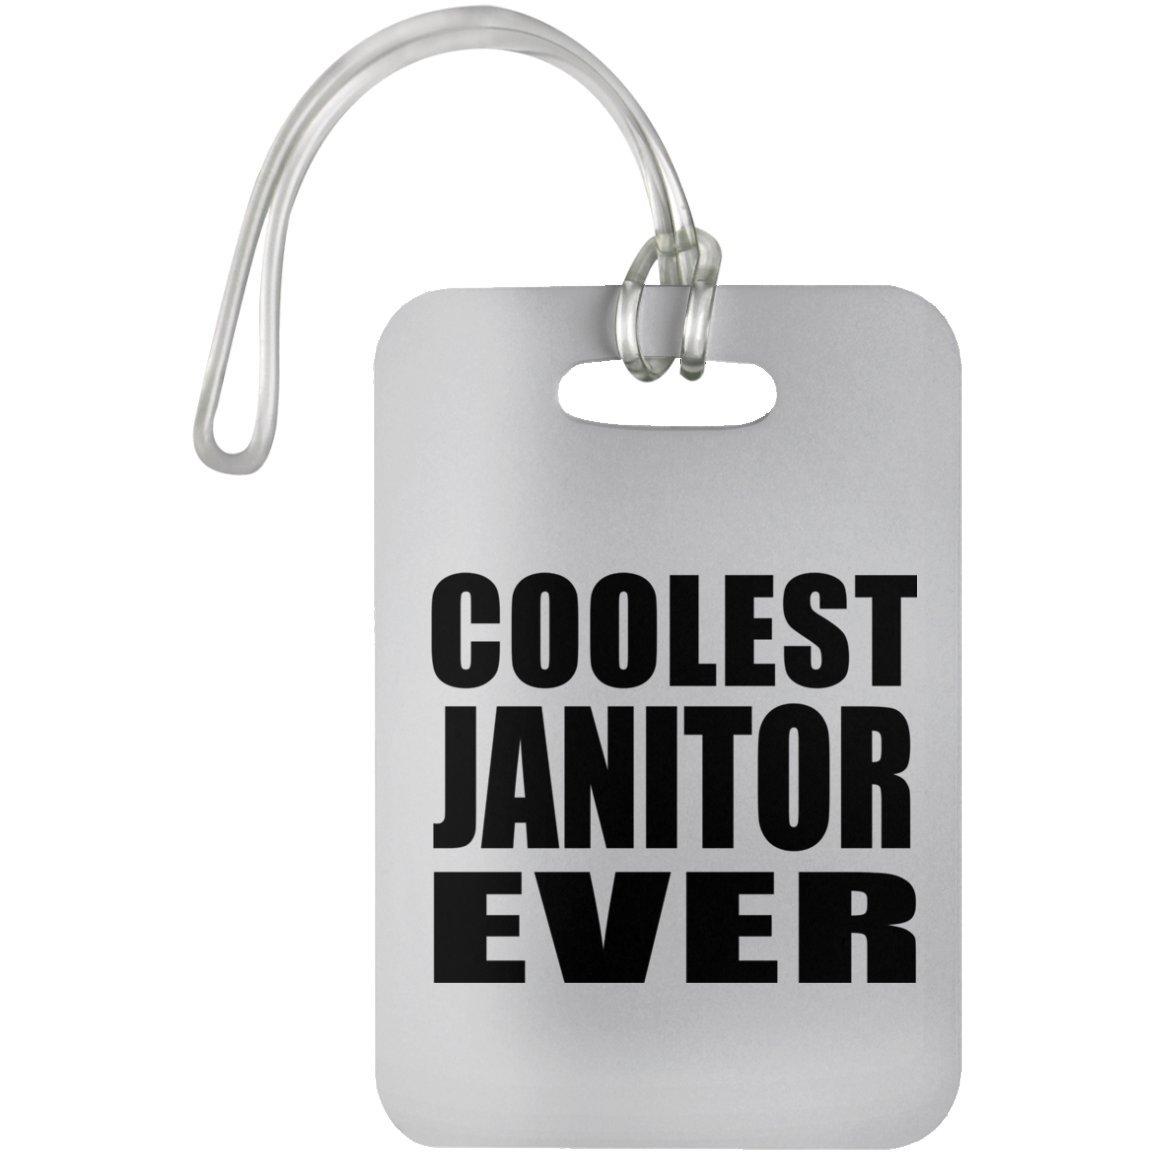 Coolest Janitor Ever - Luggage Tag Étiquette de Valise Croisière Valise Baguage - Cadeau pour Anniversaire Fête des Mères Fête des Pères Pâques